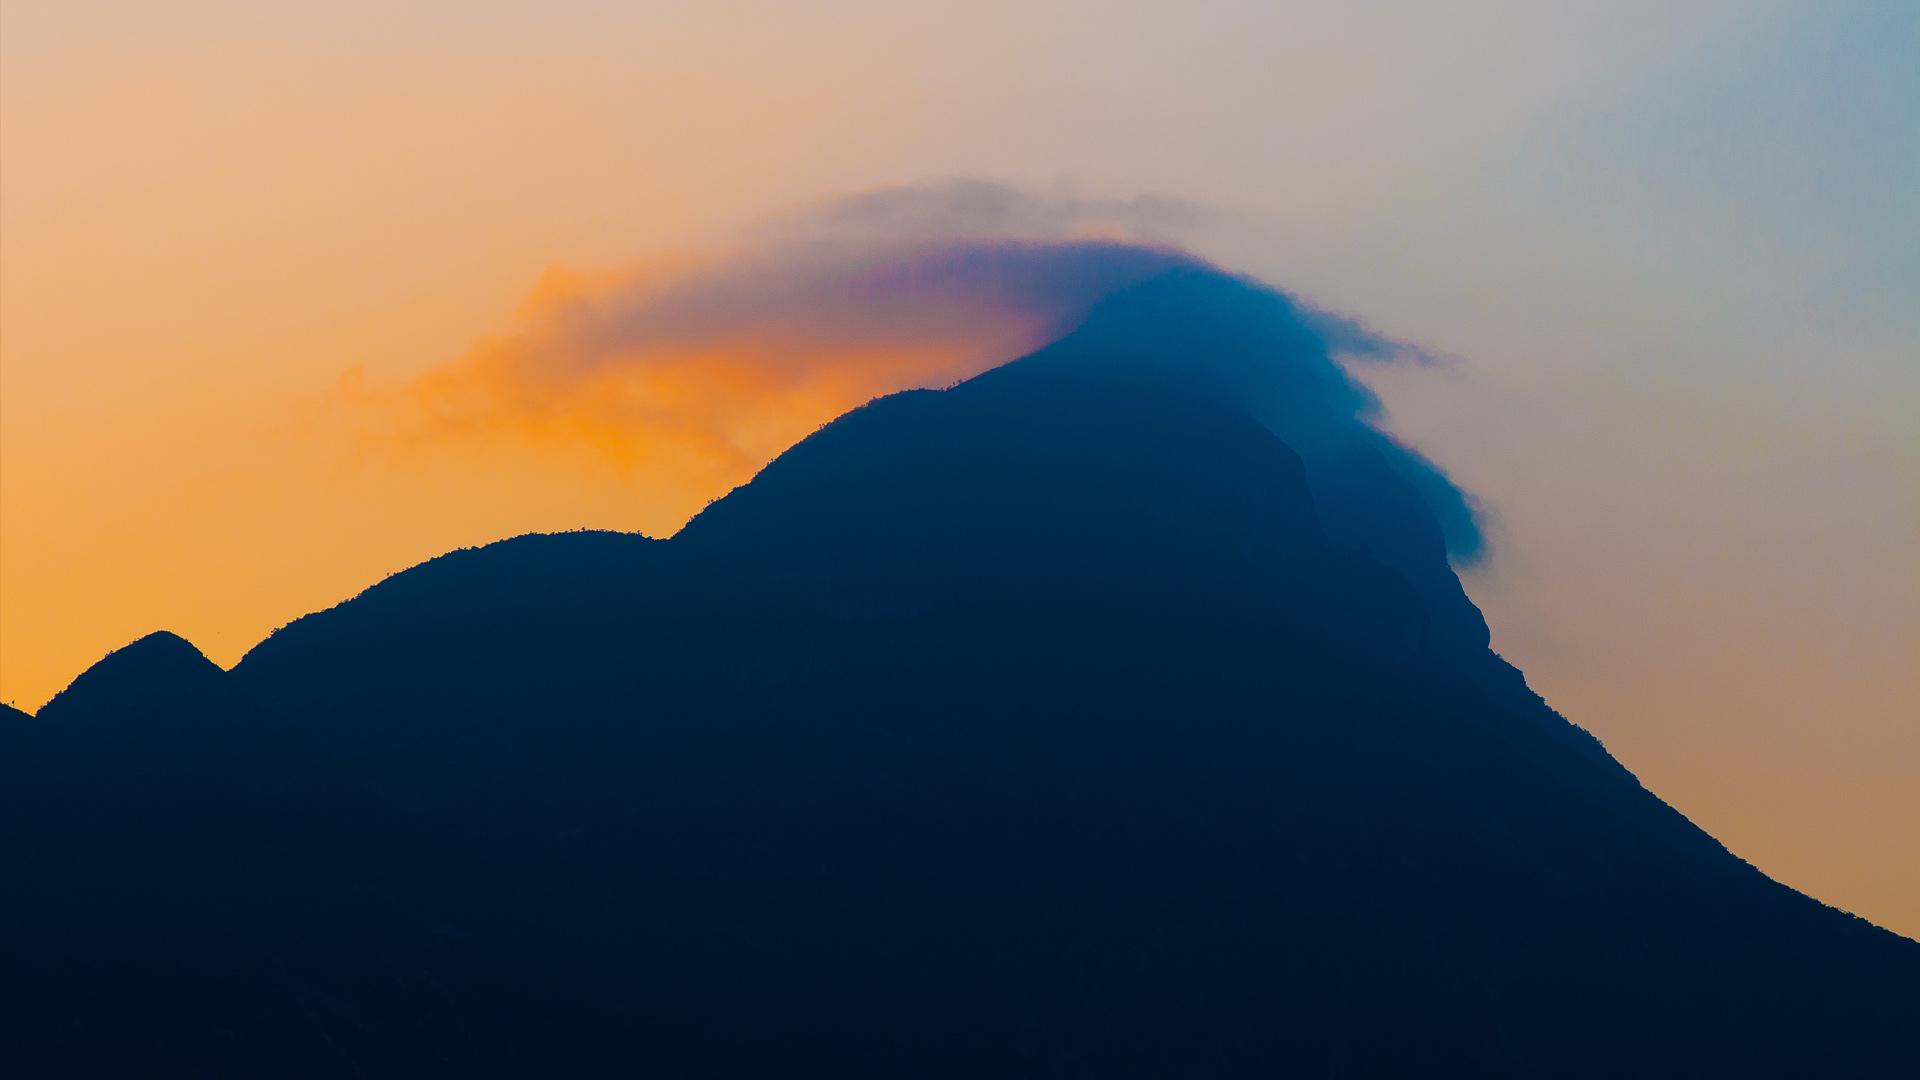 Atardecer sobre el Cerro de Mitras, Monterrey, NL